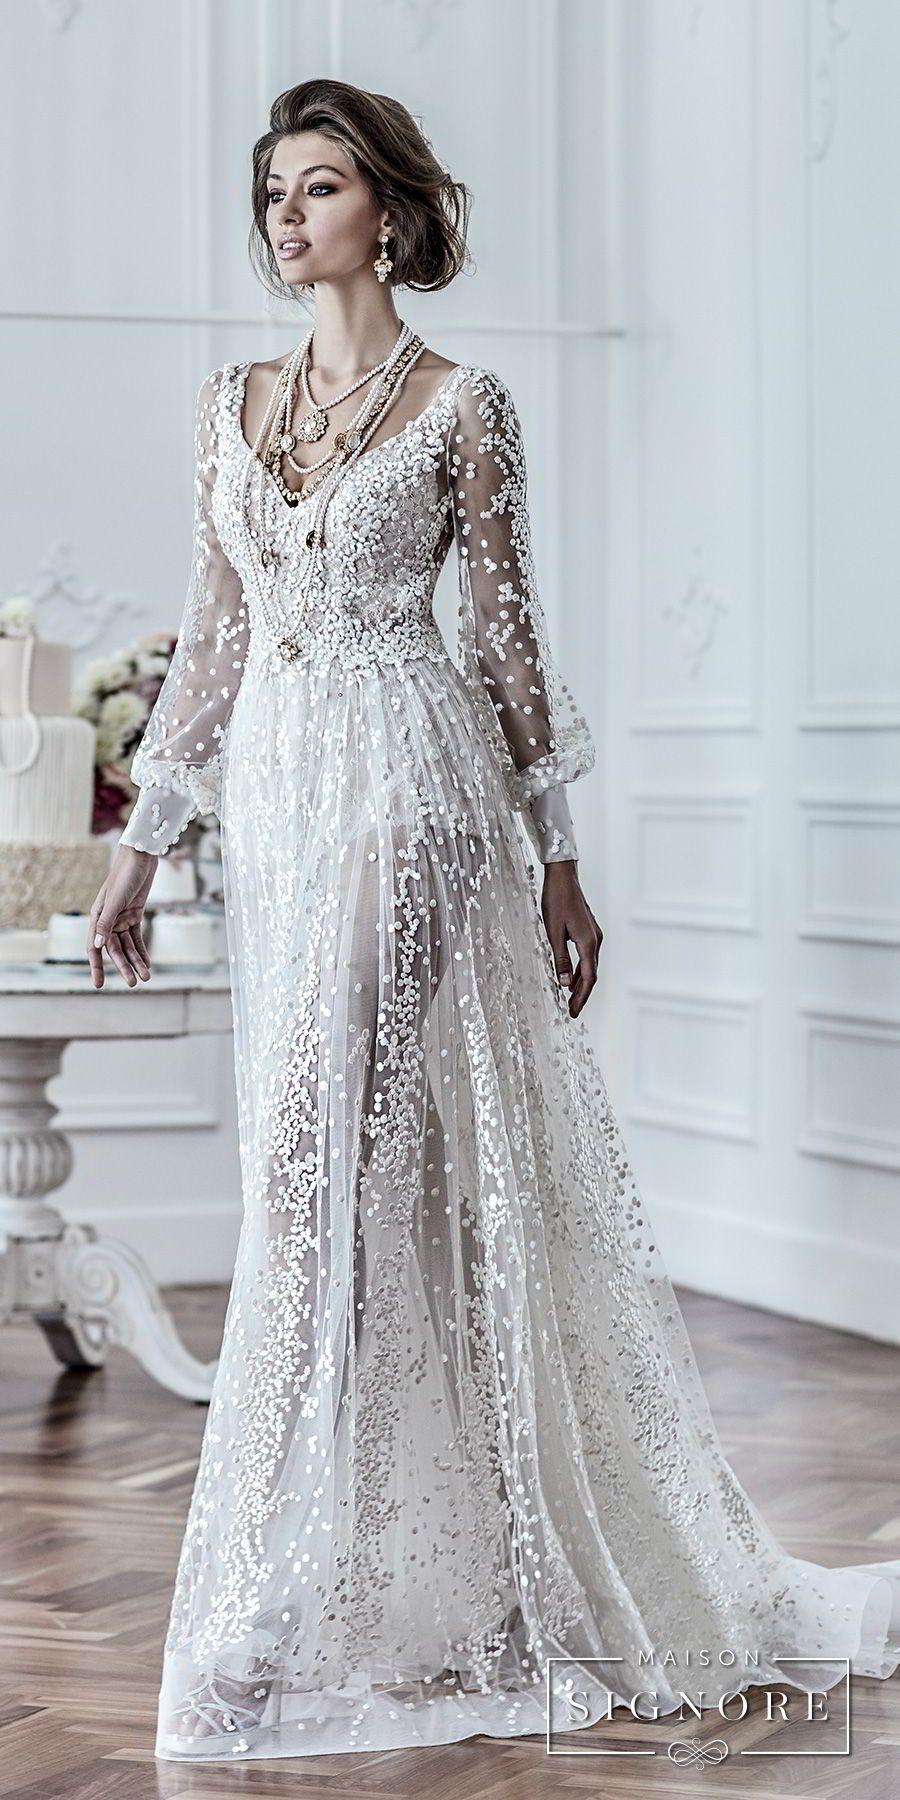 Maison signoreus stunning wedding dresses u you donut want to